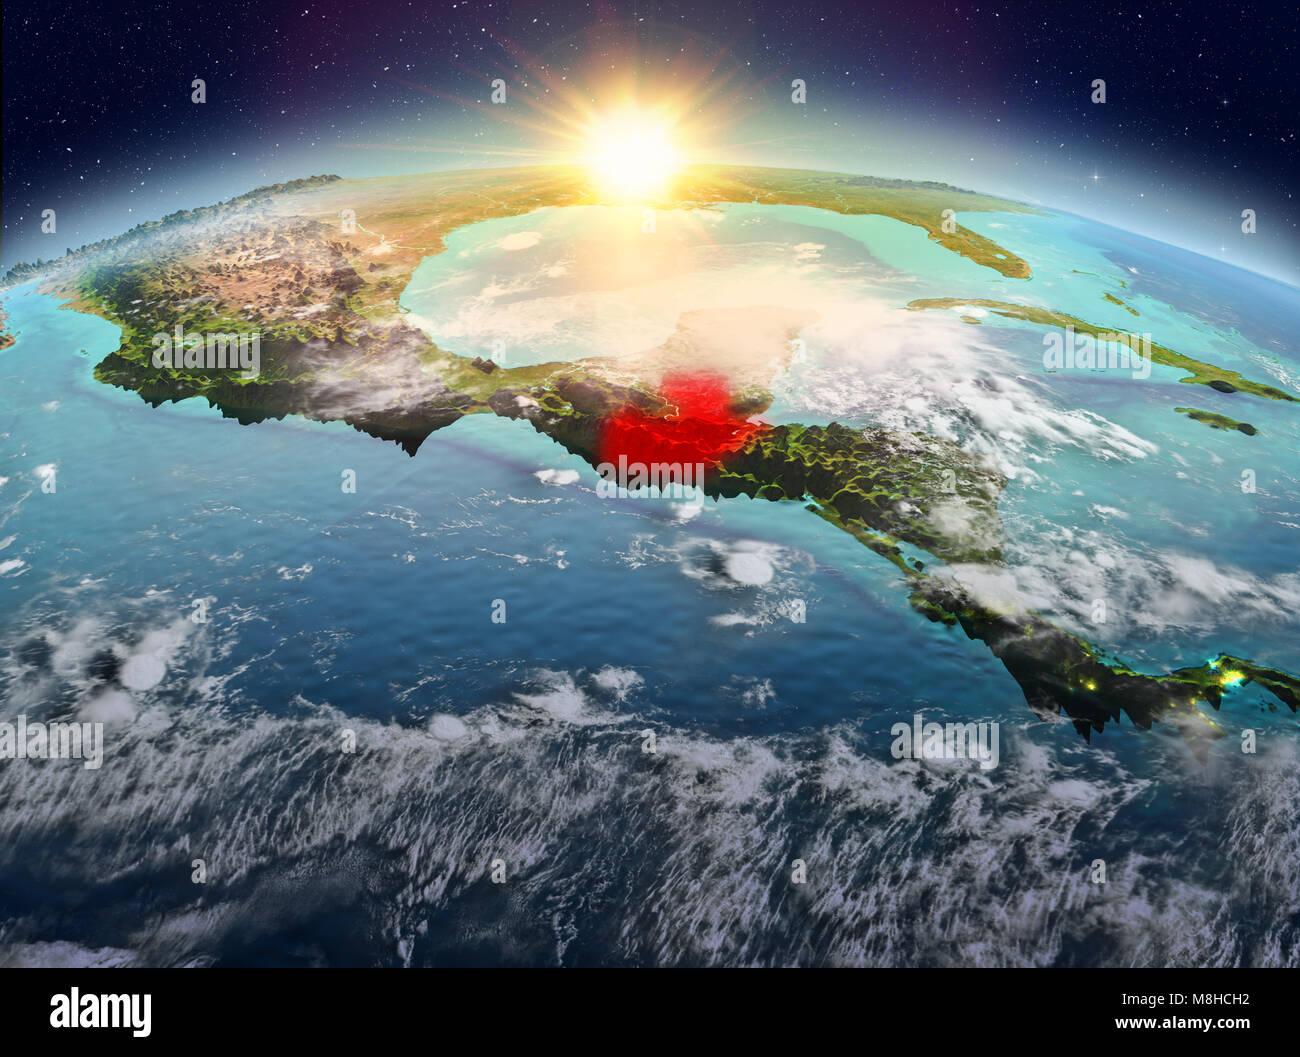 1628325f9d Vue Satellite du Guatemala a souligné en rouge sur la planète Terre avec  des nuages au lever du soleil. 3D illustration. Éléments de cette image  fournie par ...